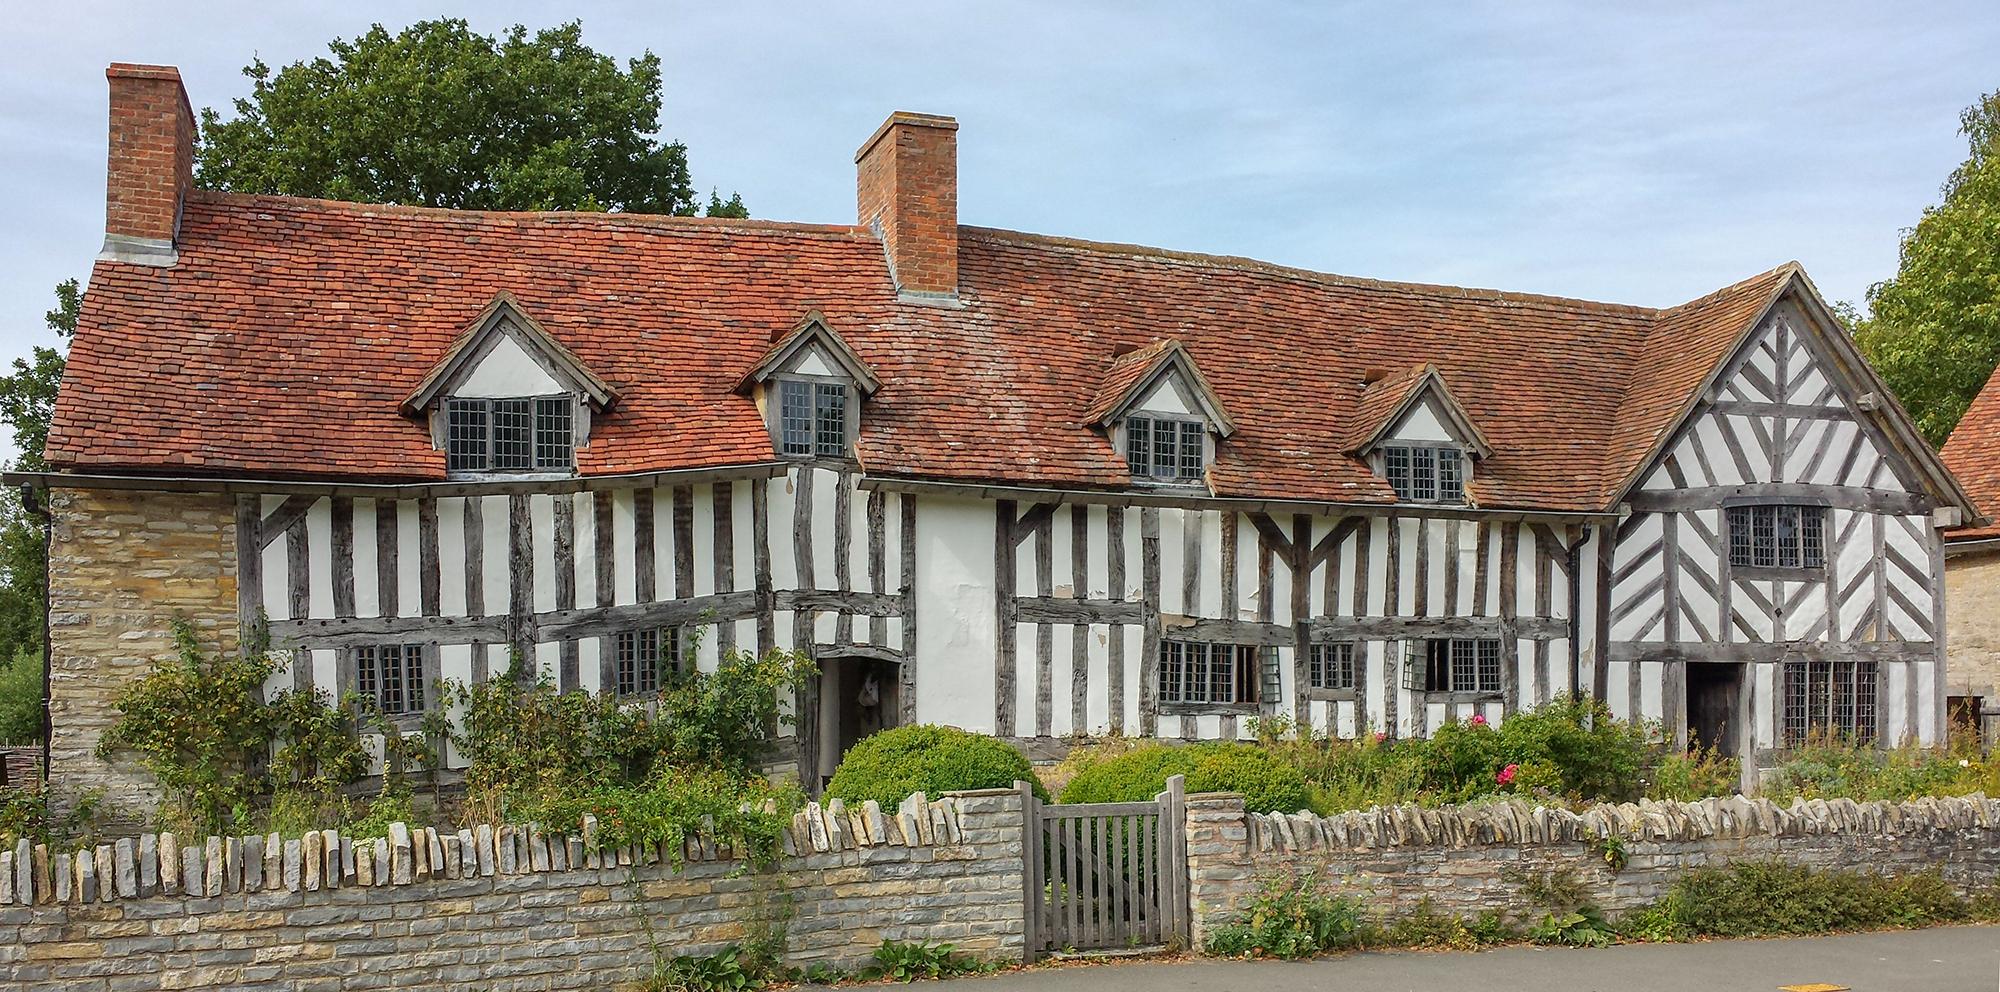 Palmer's_Farmhouse_(aka_Mary_Arden's_House)